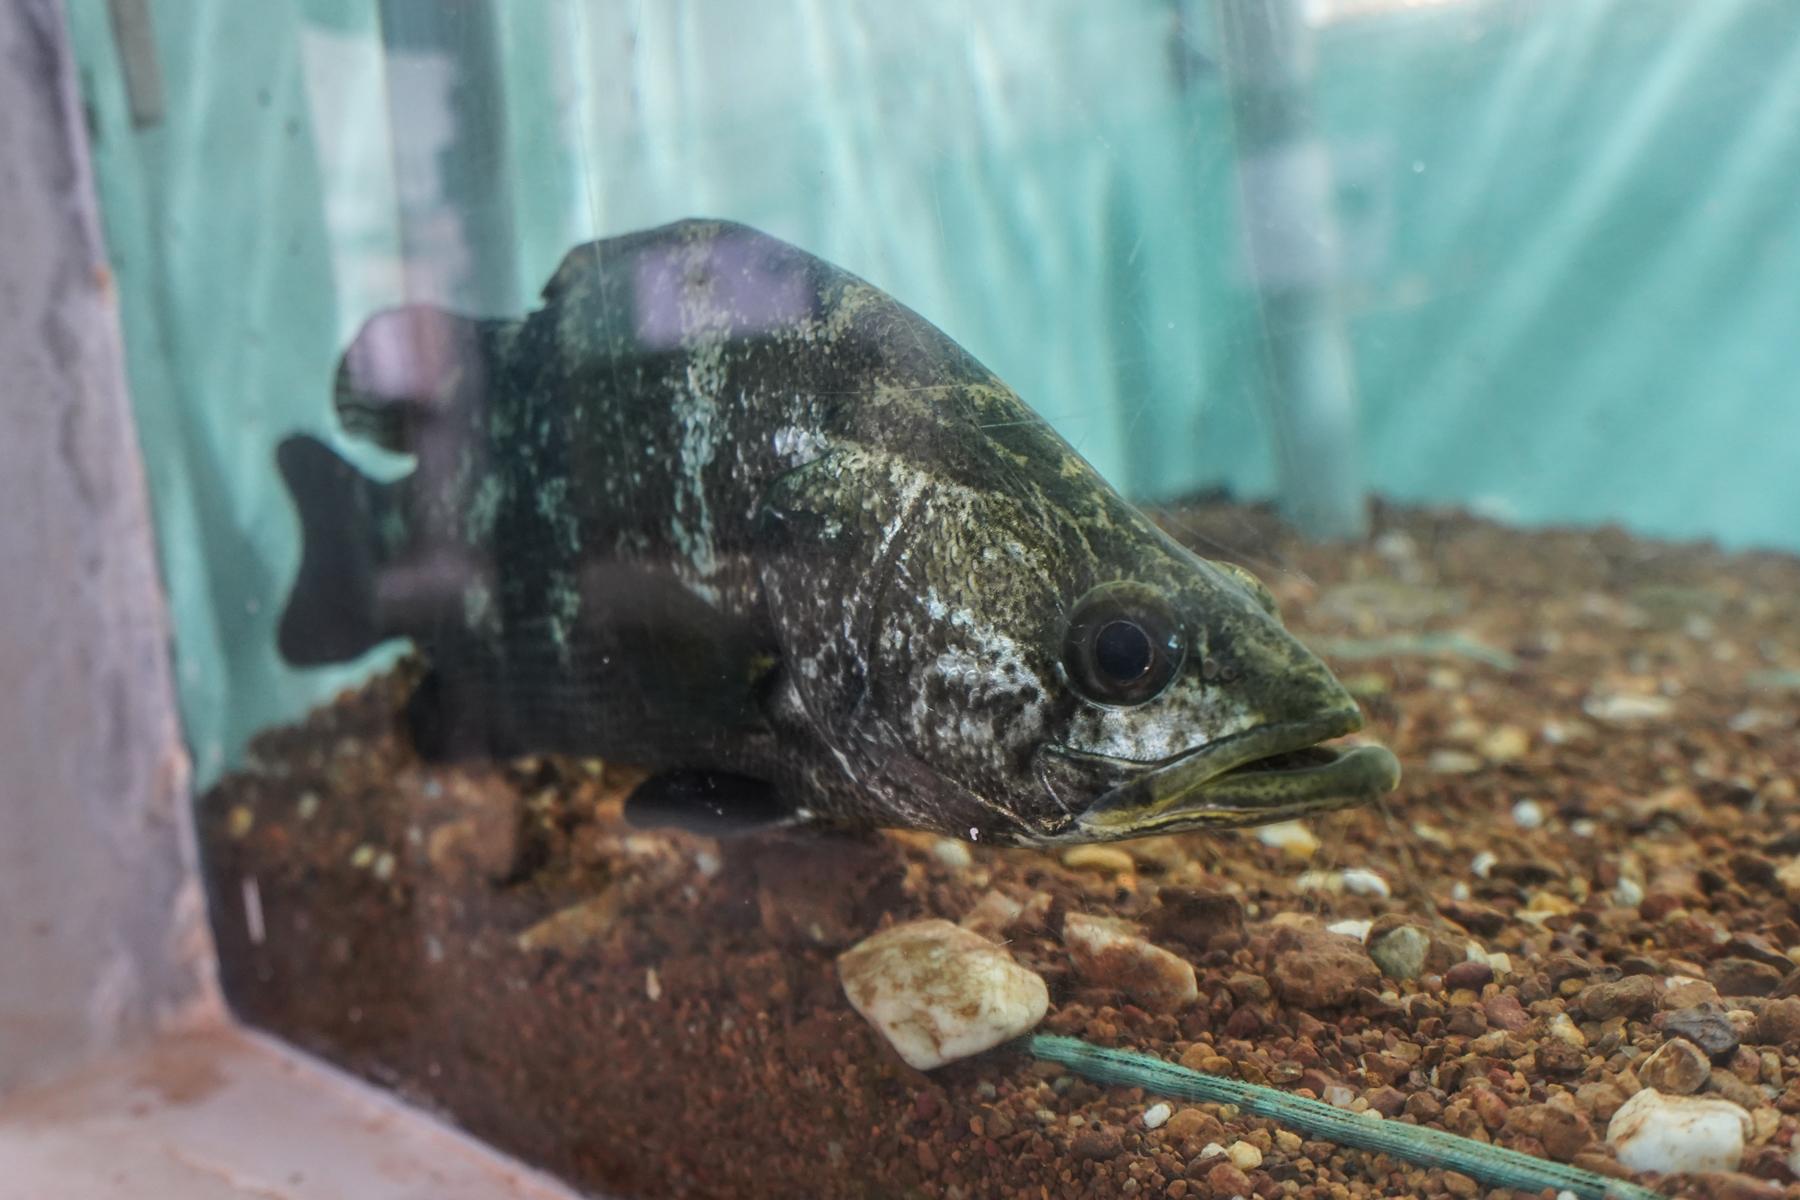 A Nile perch in the aquarium at NaFIRRI in Jinja, Uganda